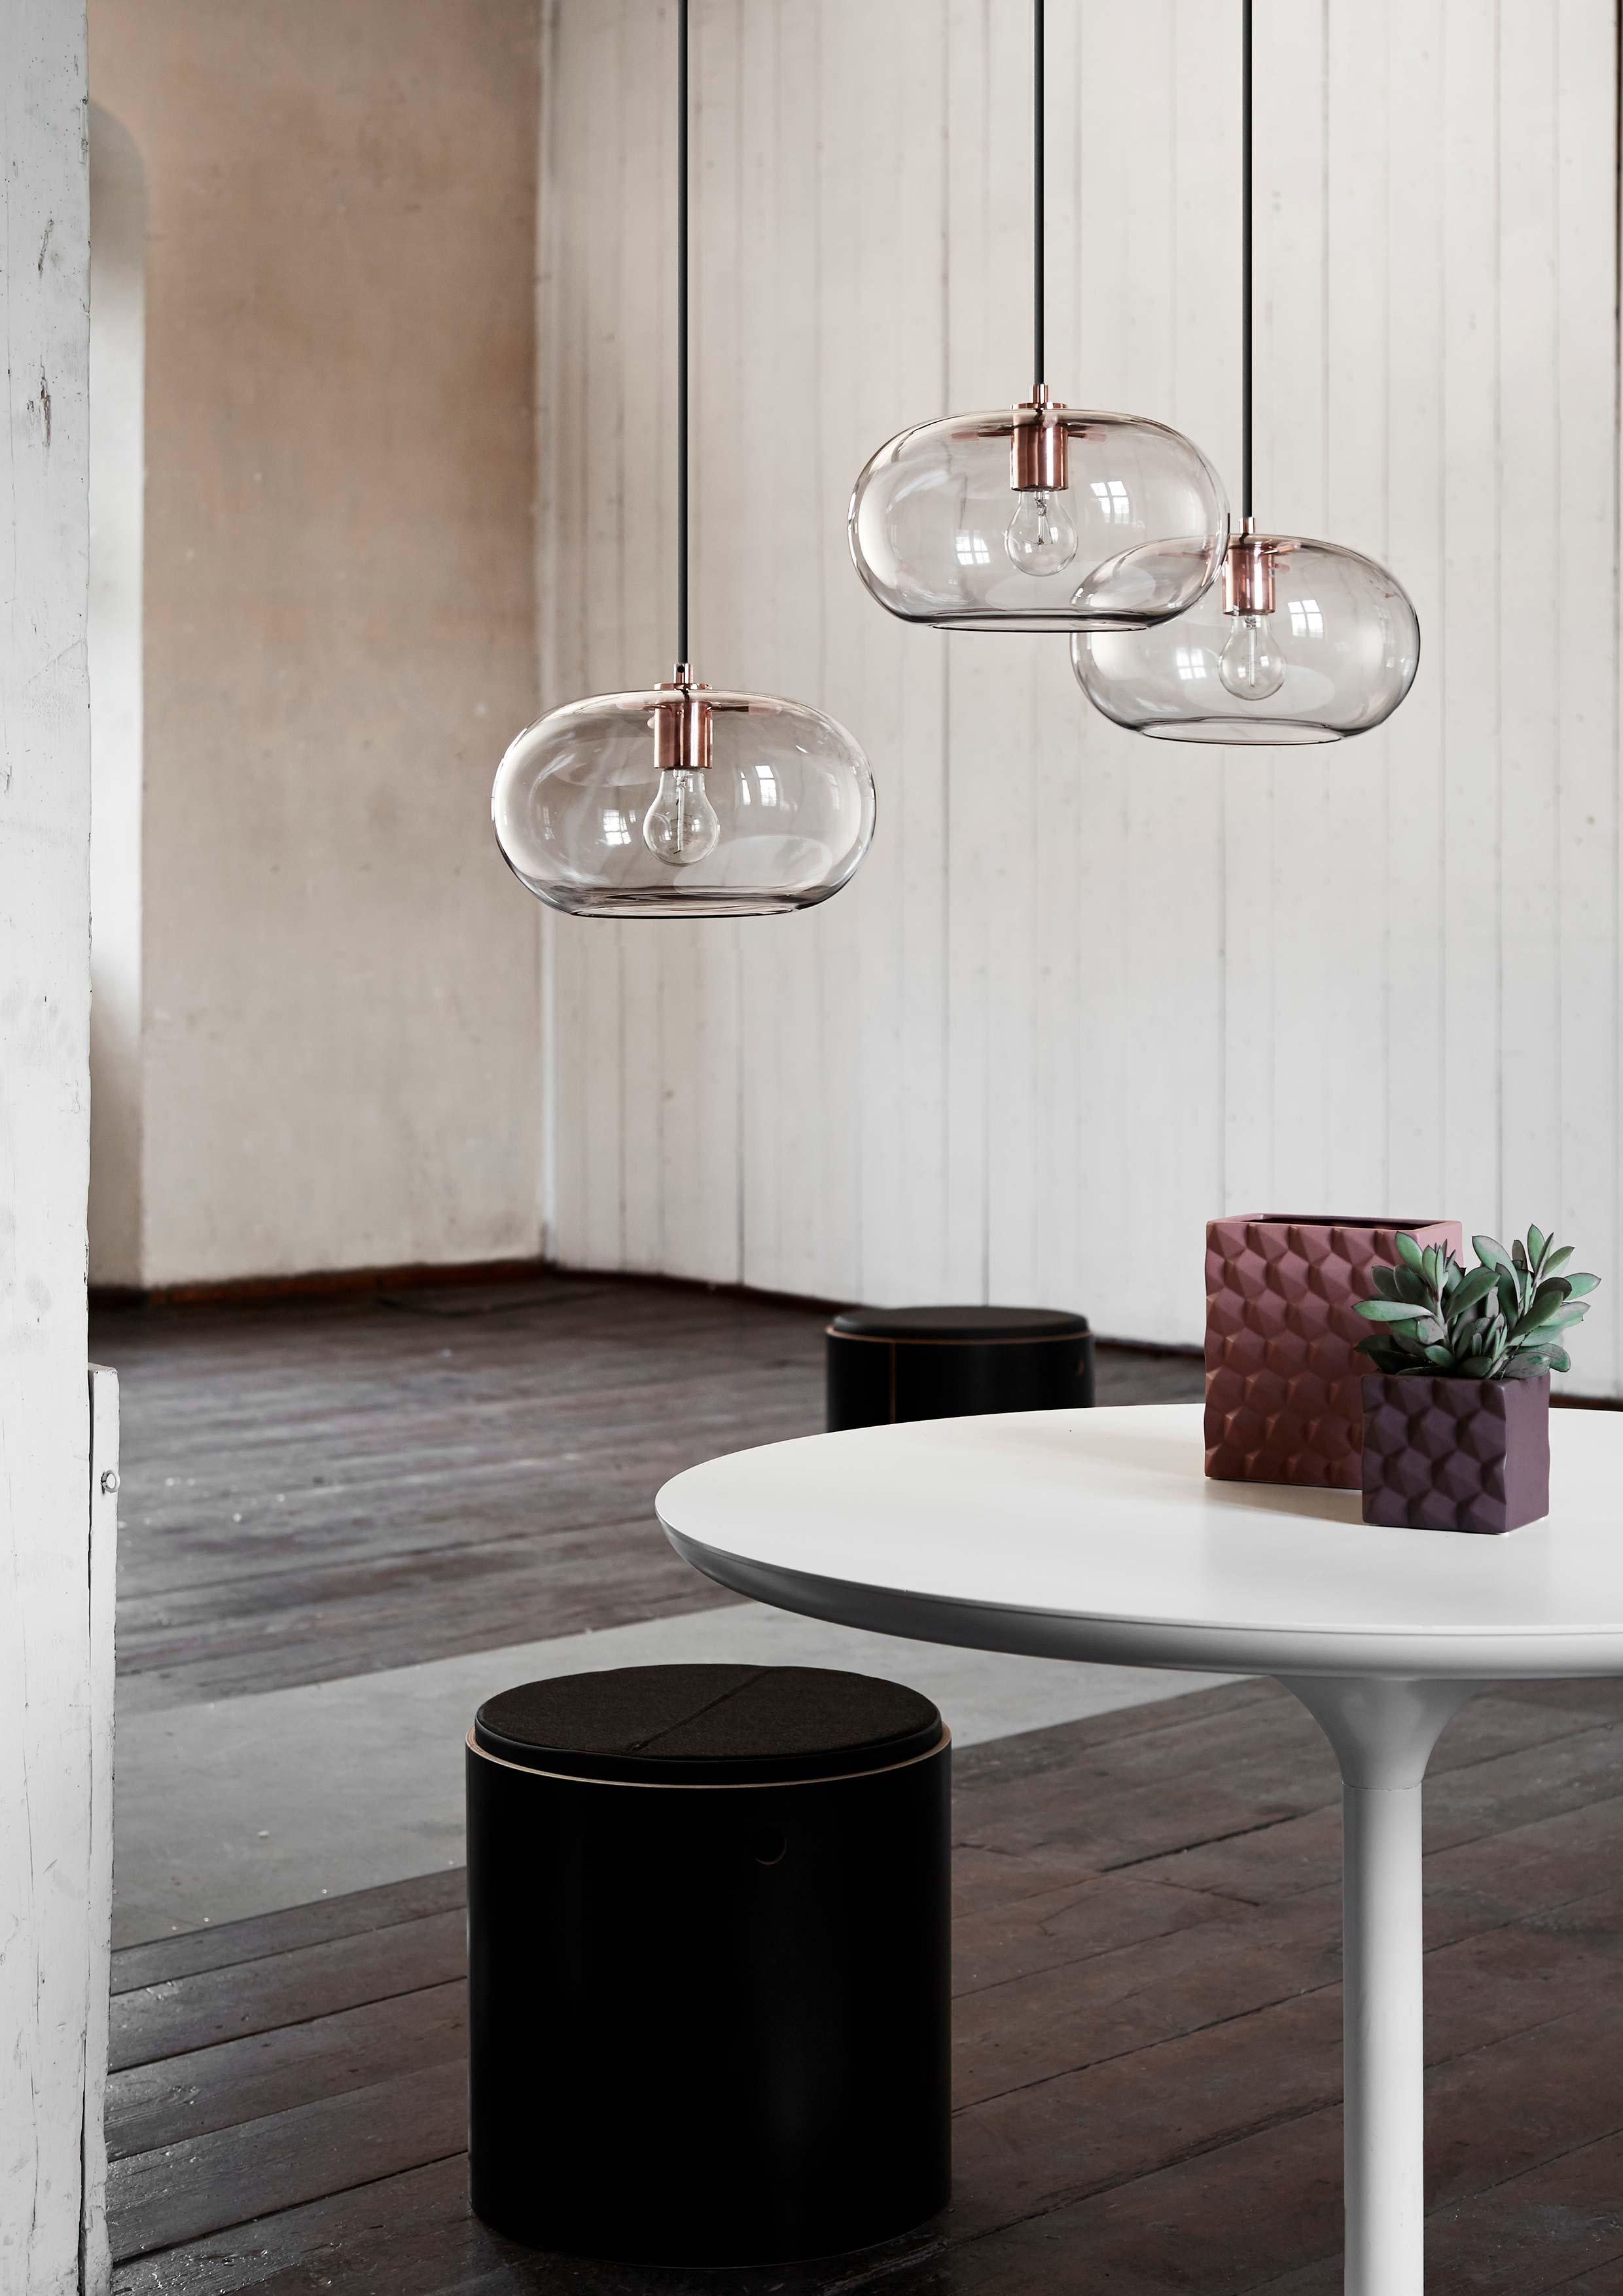 Kobe-pendant-rose-glass-copper-socket---lifestyle-Arsenalgaarden-1299.jpg